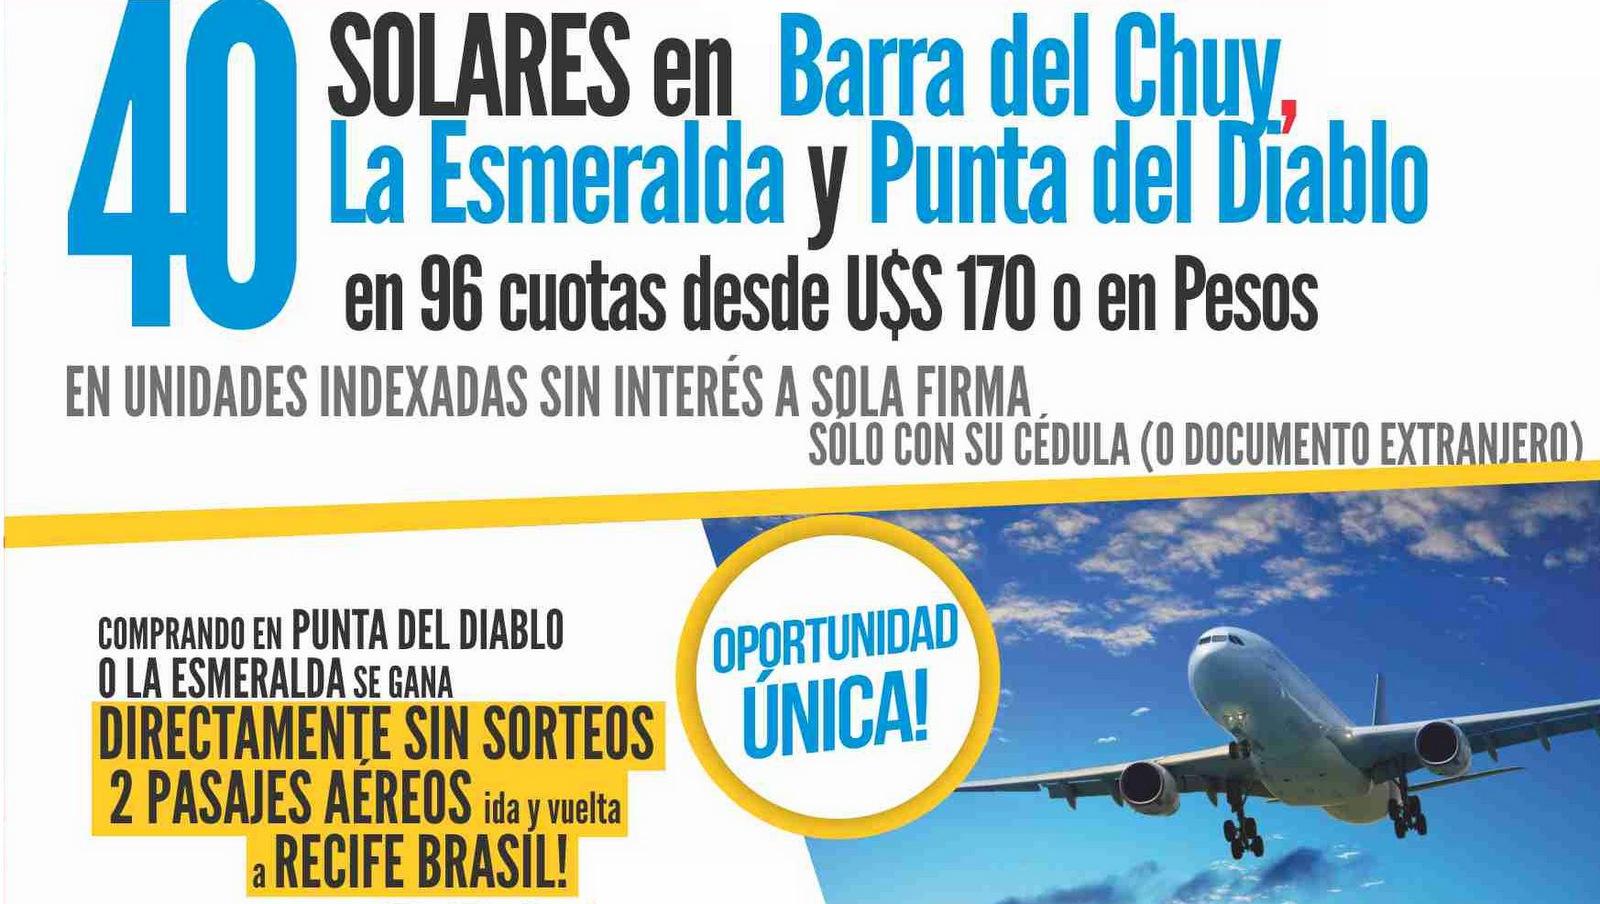 Gran remate de solares en Punta del Diablo, La Esmeralda y Barra del Chuy en Carnaval!